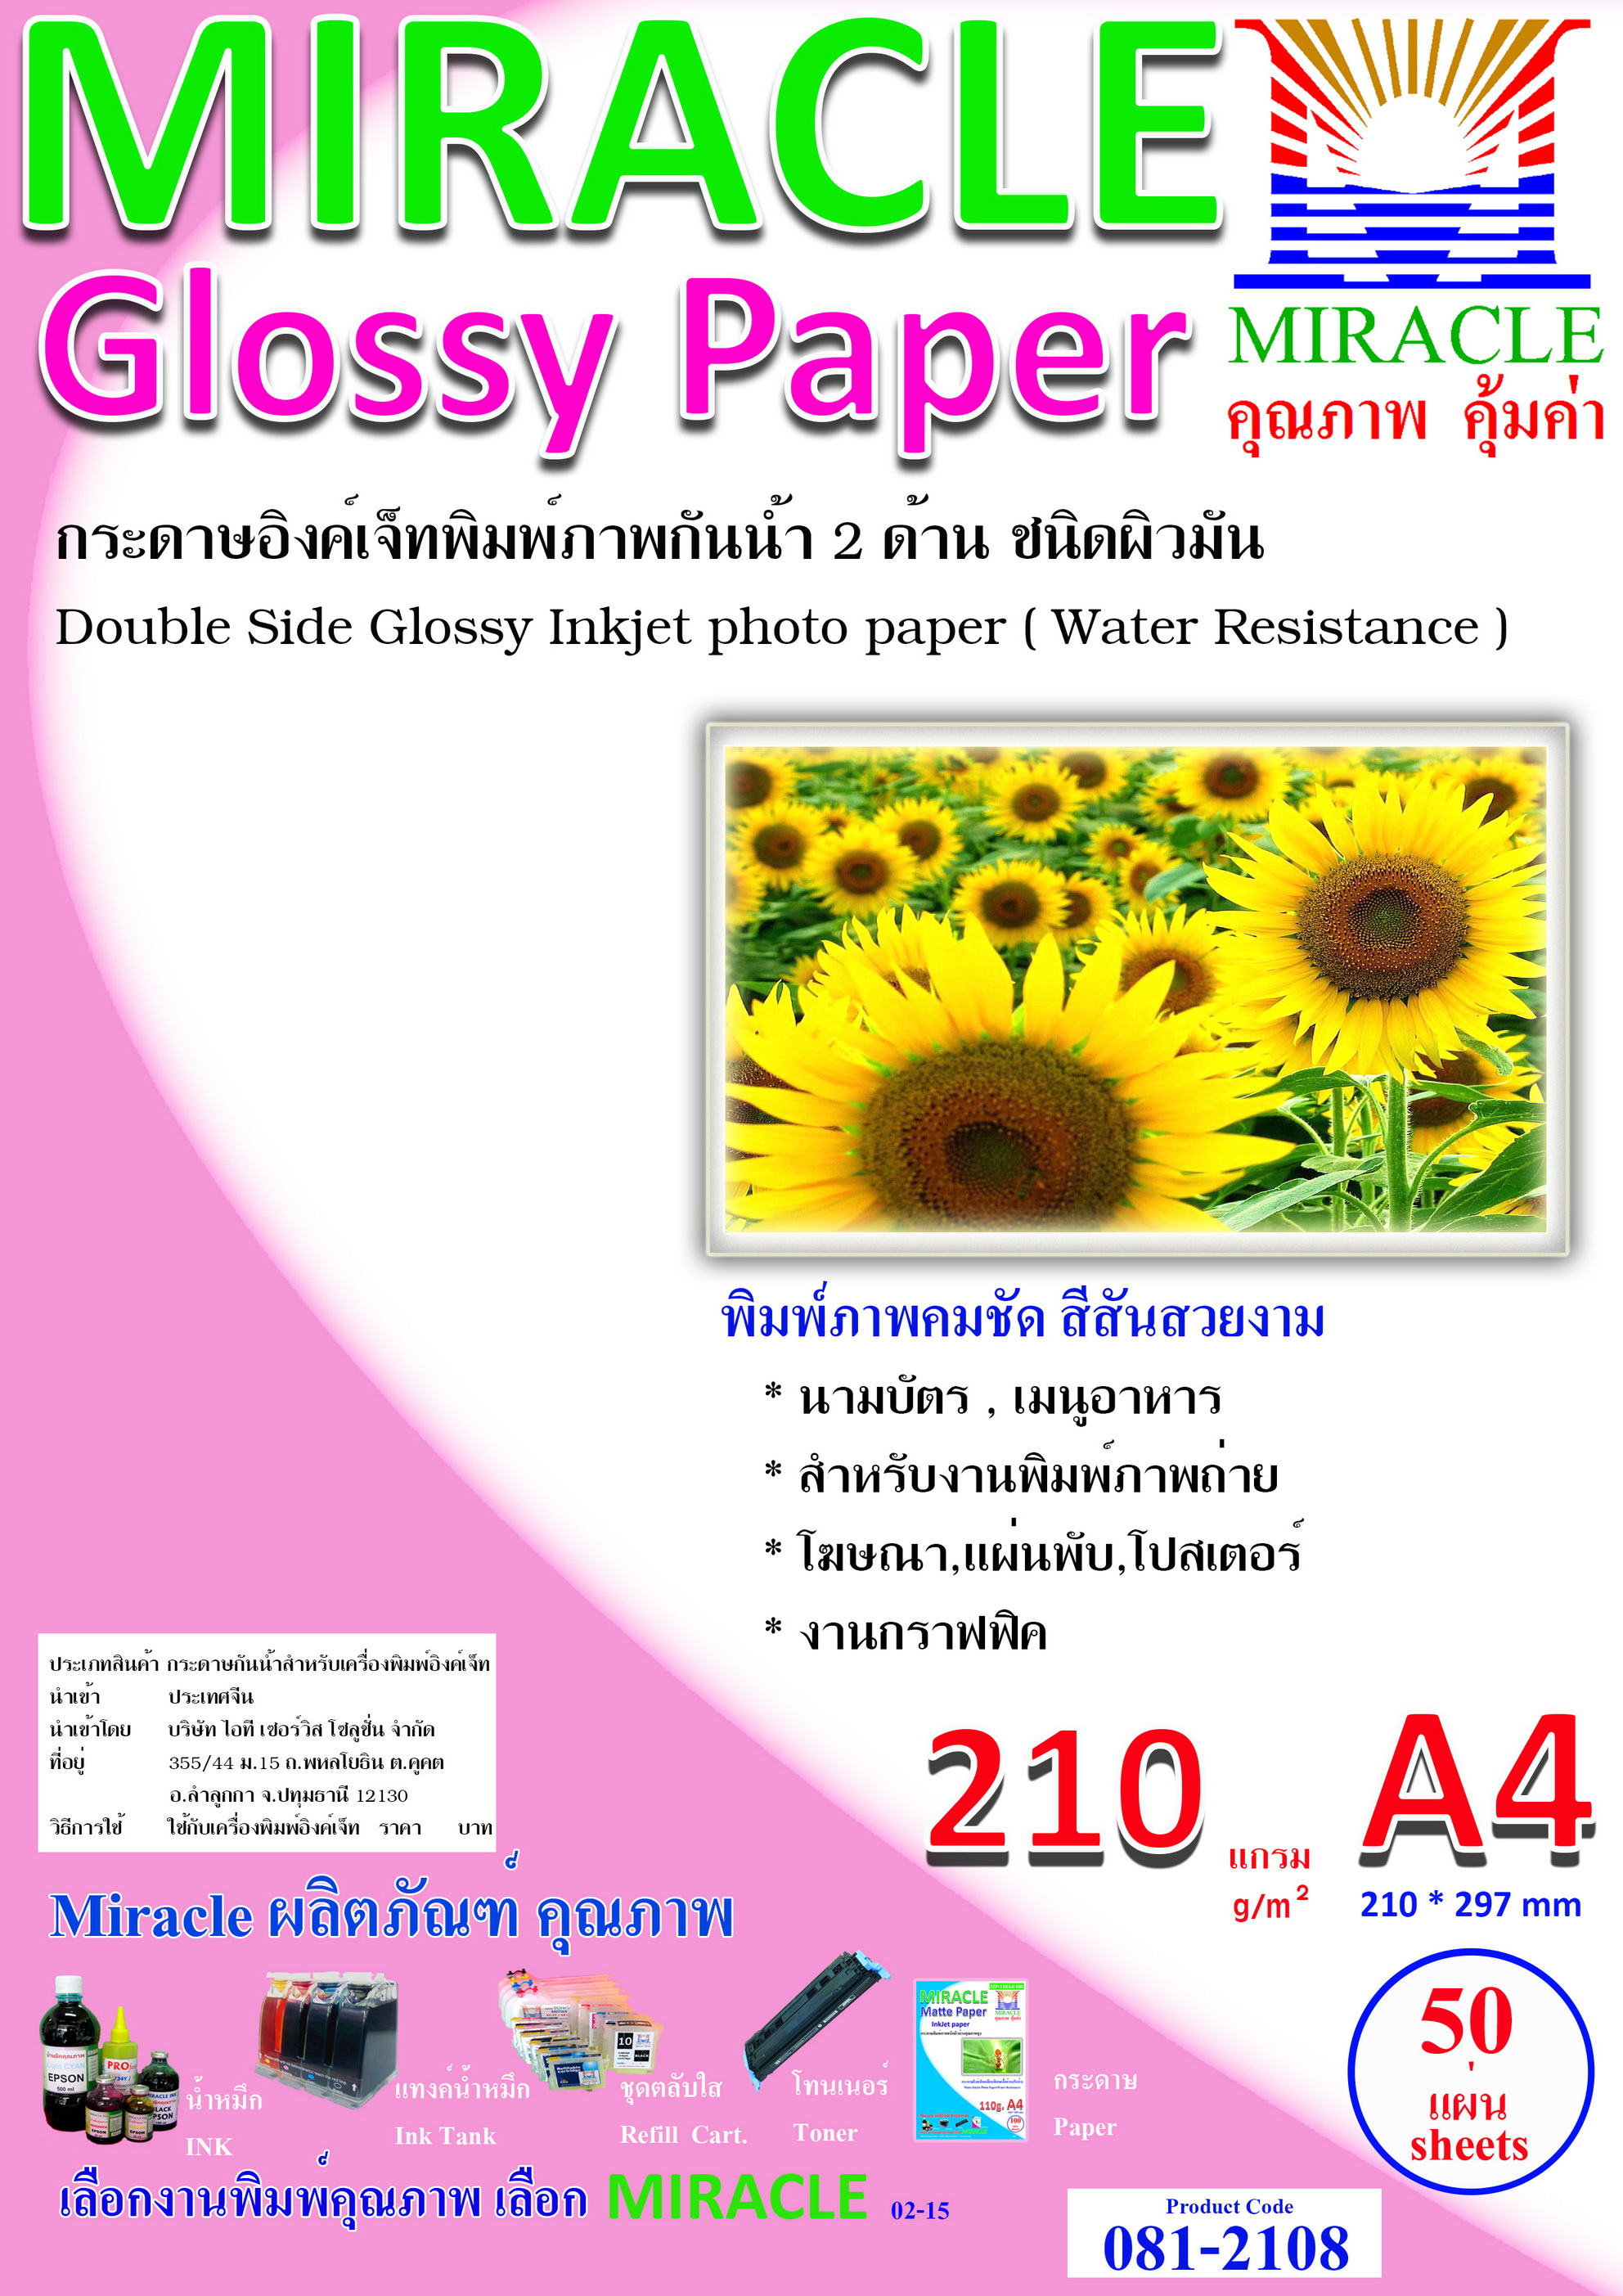 กระดาษอิ้งค์เจ็ทพิมพ์ภาพกันน้ำ 2 หน้า ชนิดผิวมันวาว หนา 210 แกรม ขนาด A4 จำนวน 50 แผ่น